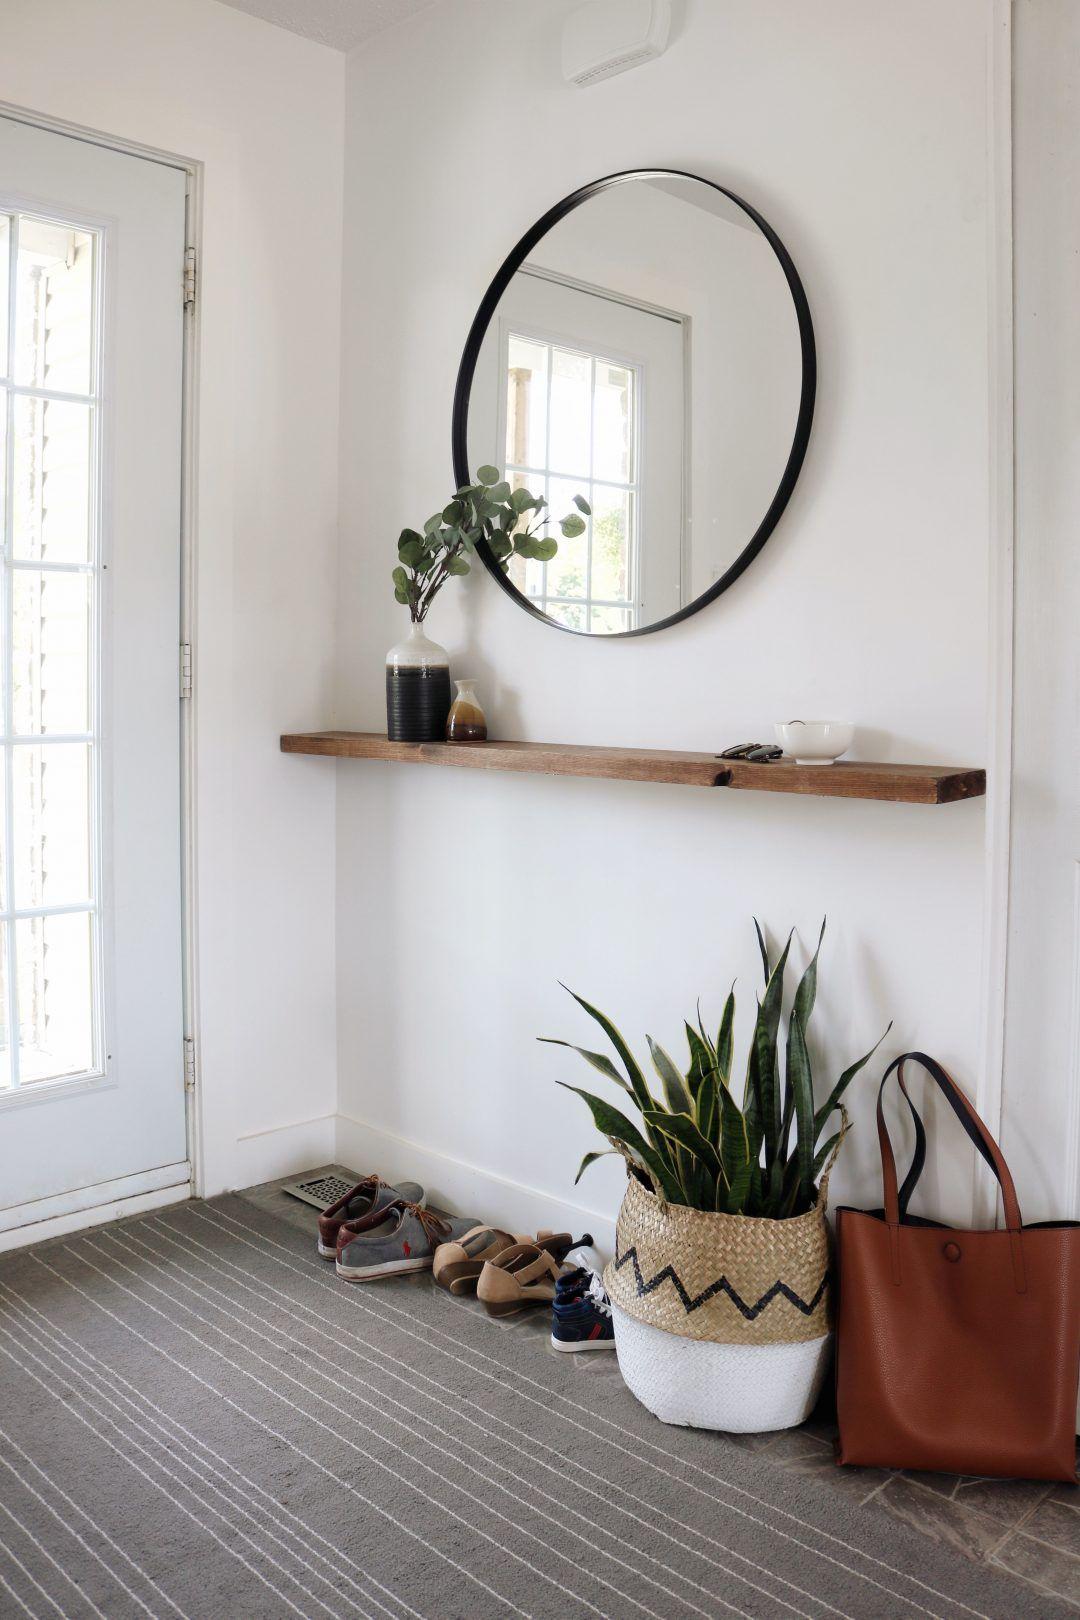 Vestibule minimaliste + DIY tablette flottante | www ...